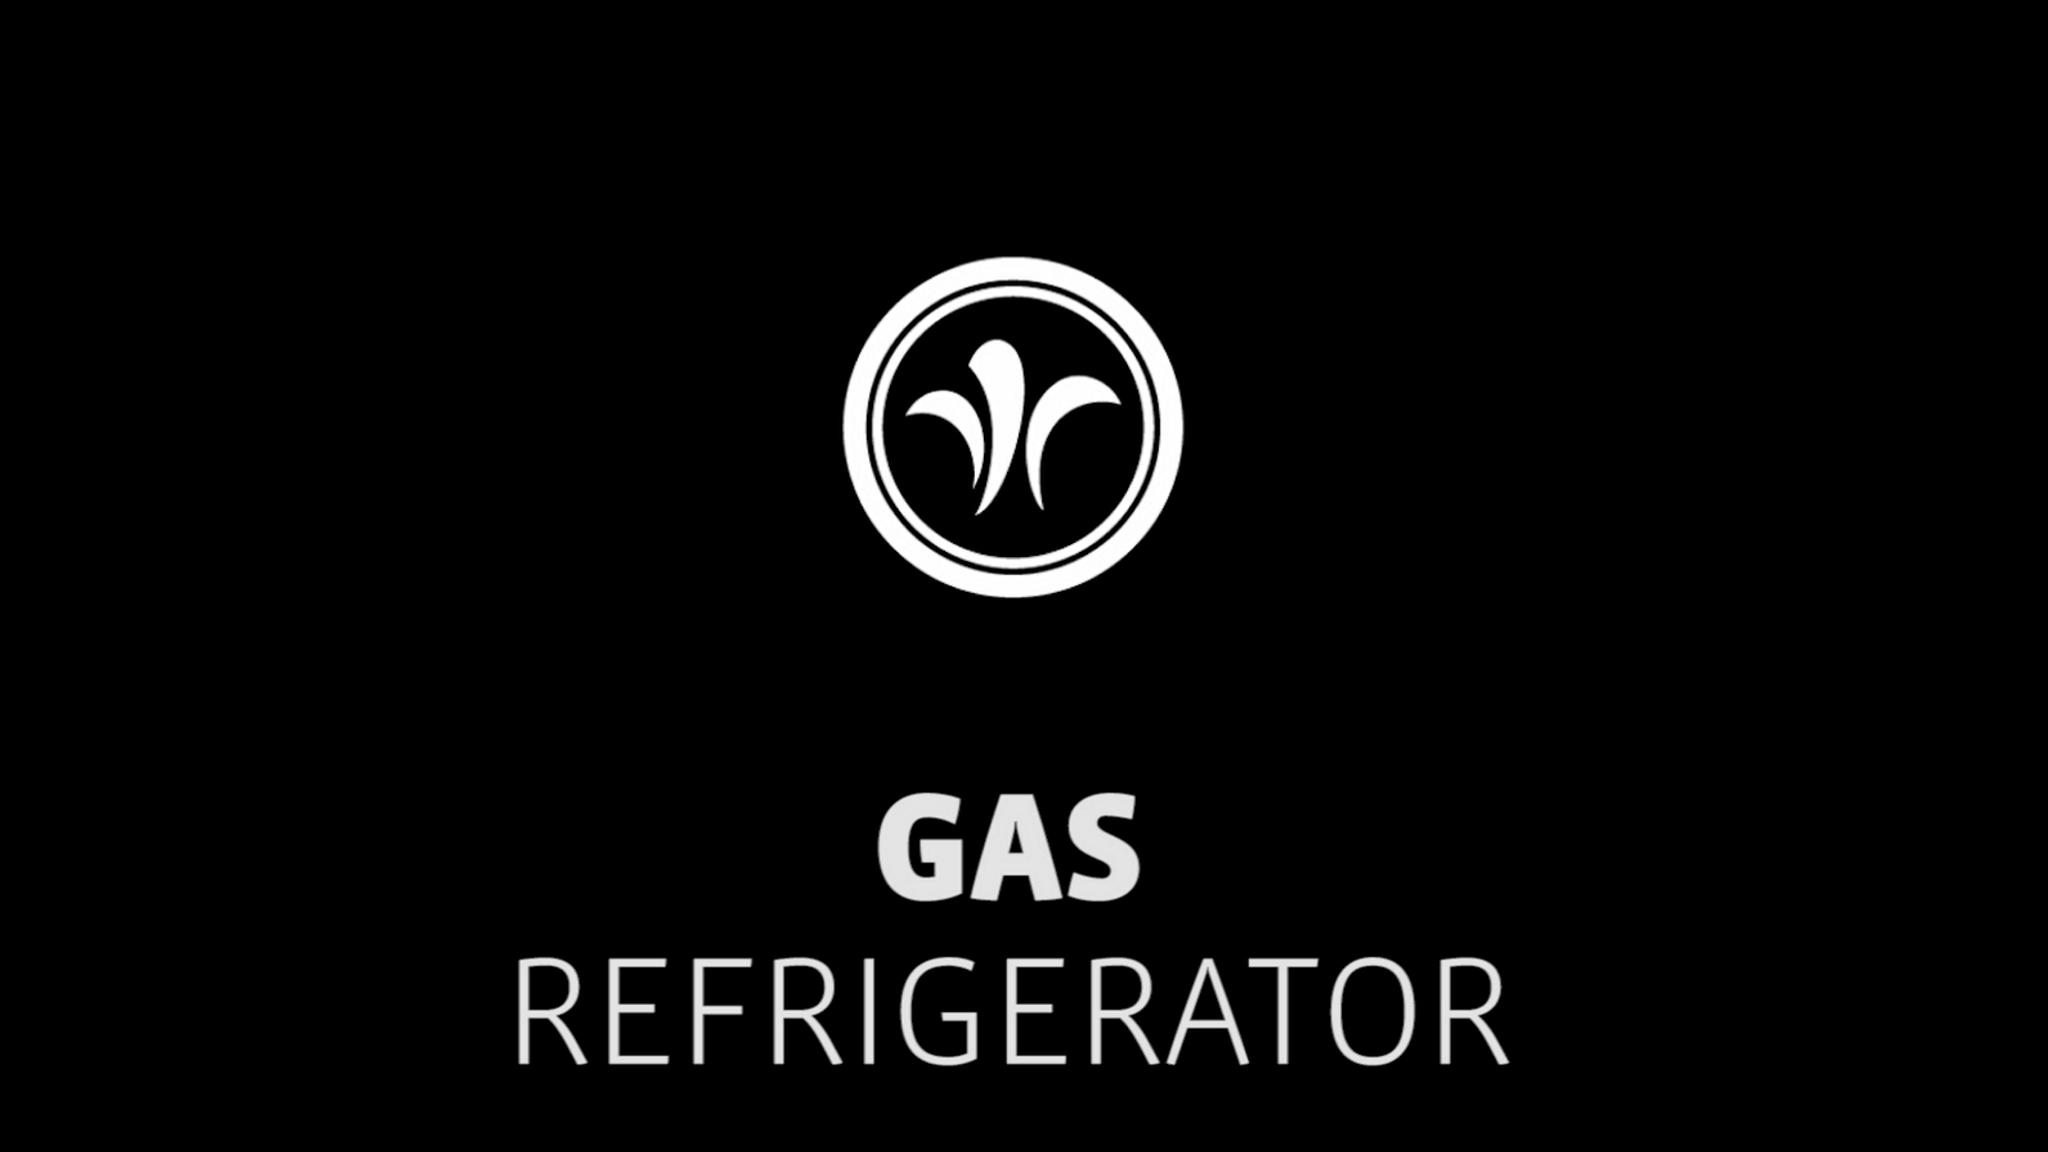 motorhome refrigerator // niesmann+bischoff - luxury motorhome (model FLAIR) // 2019 // G5